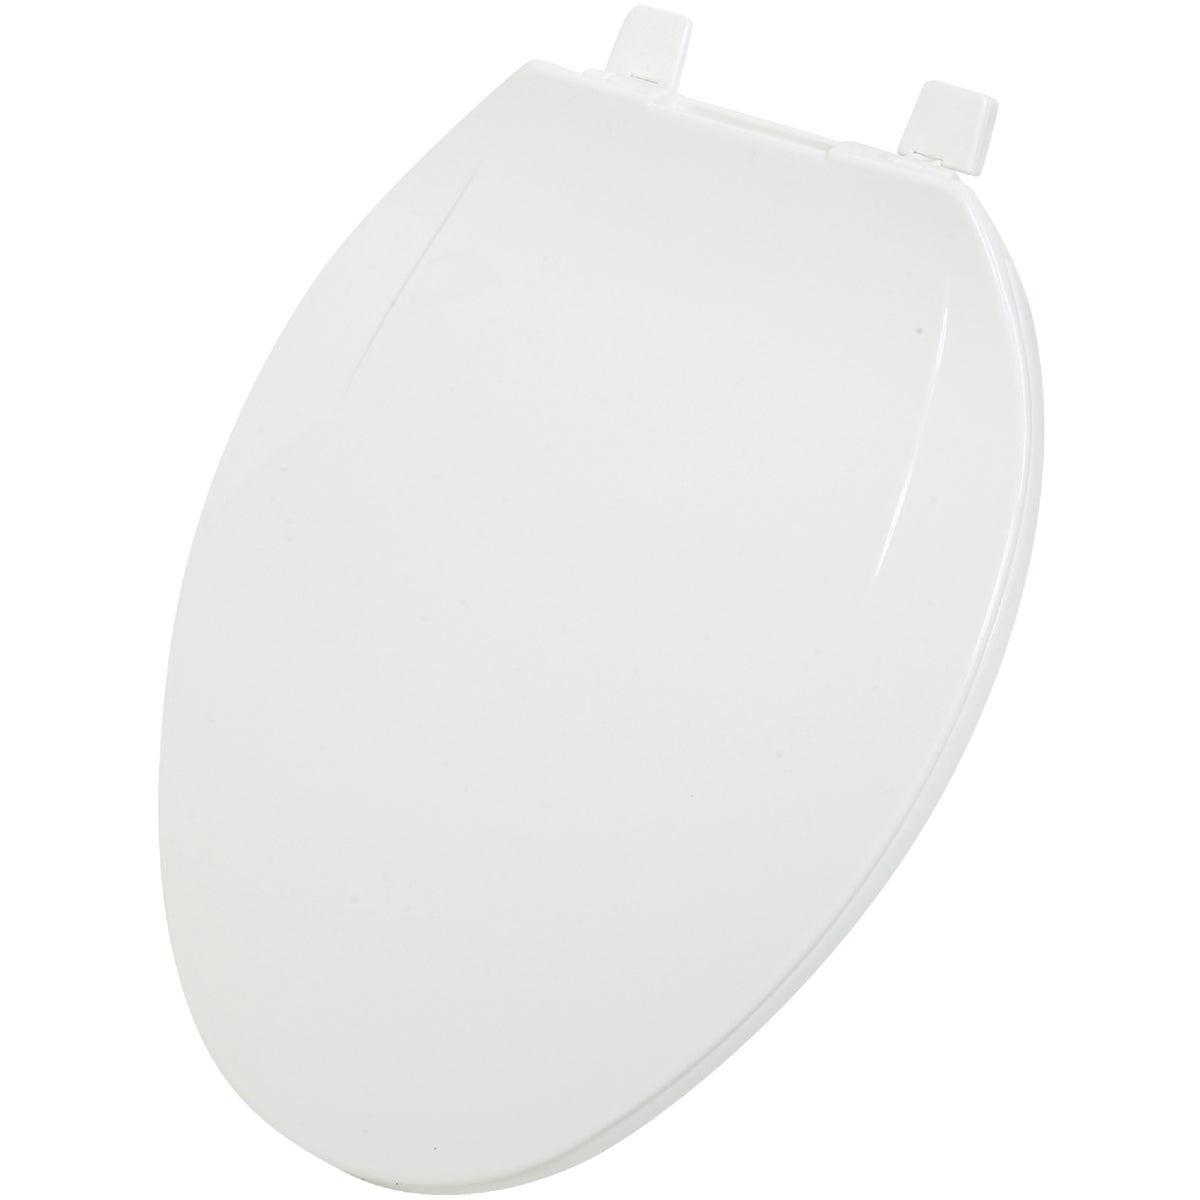 WHITE ELONG PLAS SEAT